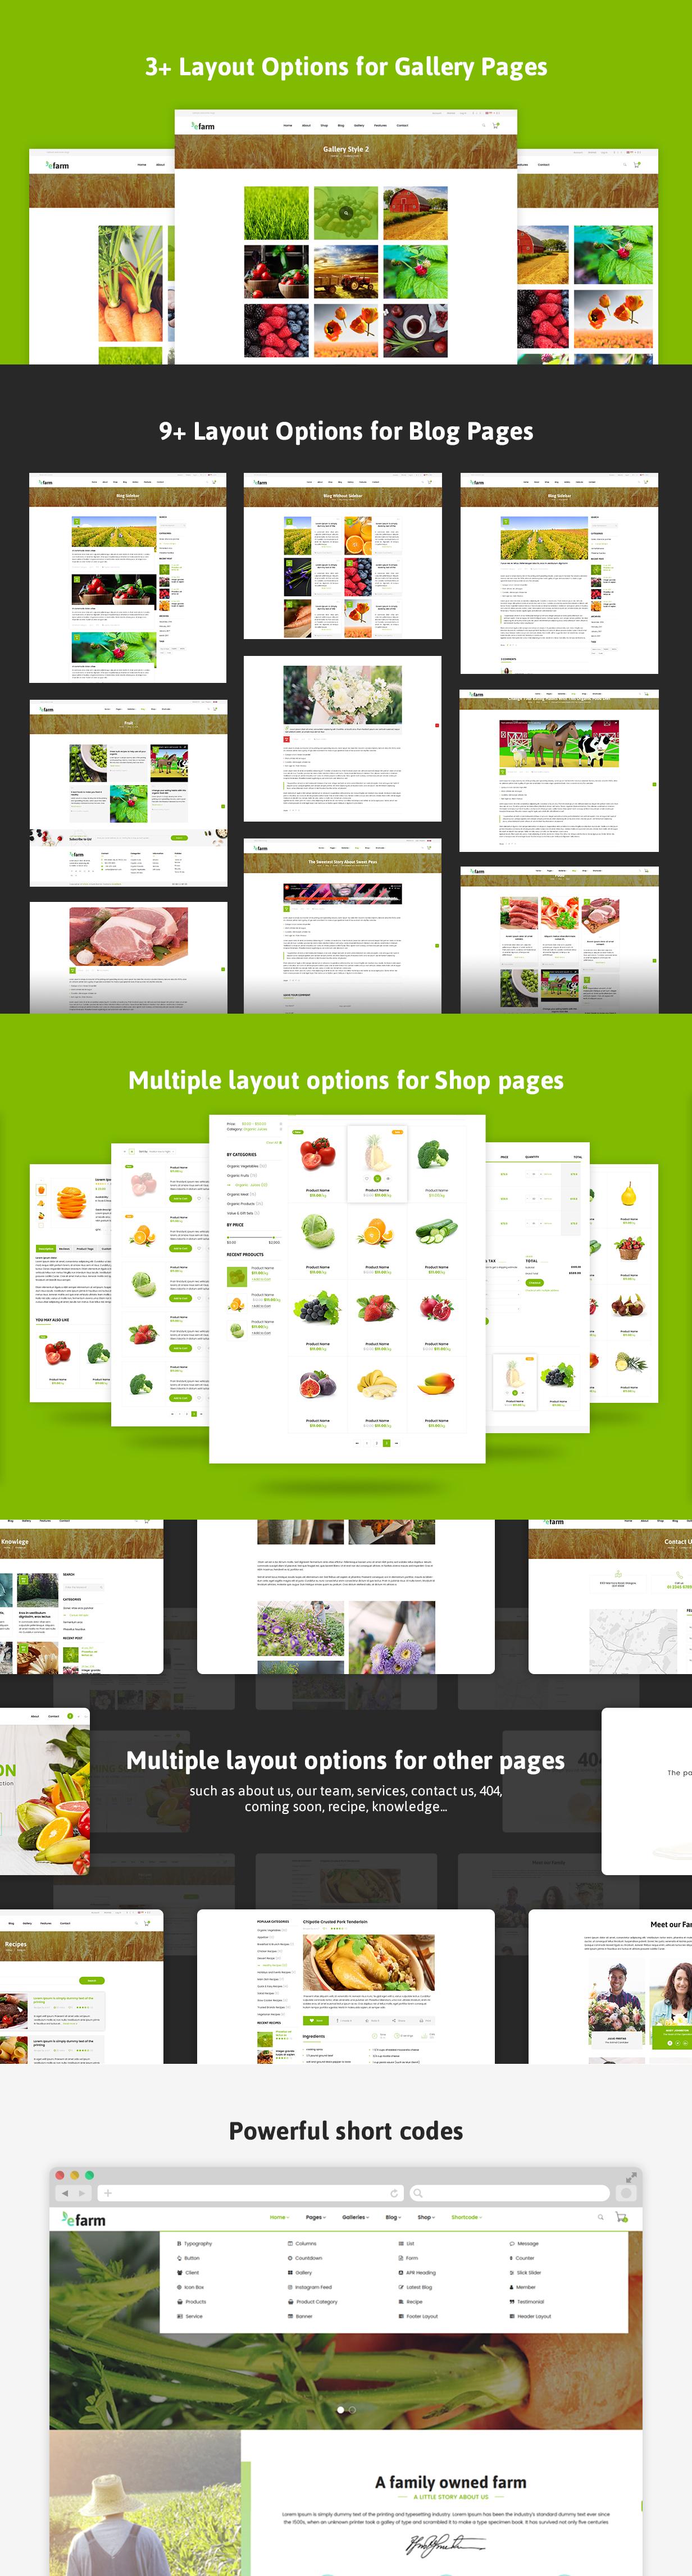 eFarm - Ein vielseitiges WordPress-Layout für Lebensmittel und Farmen - 10